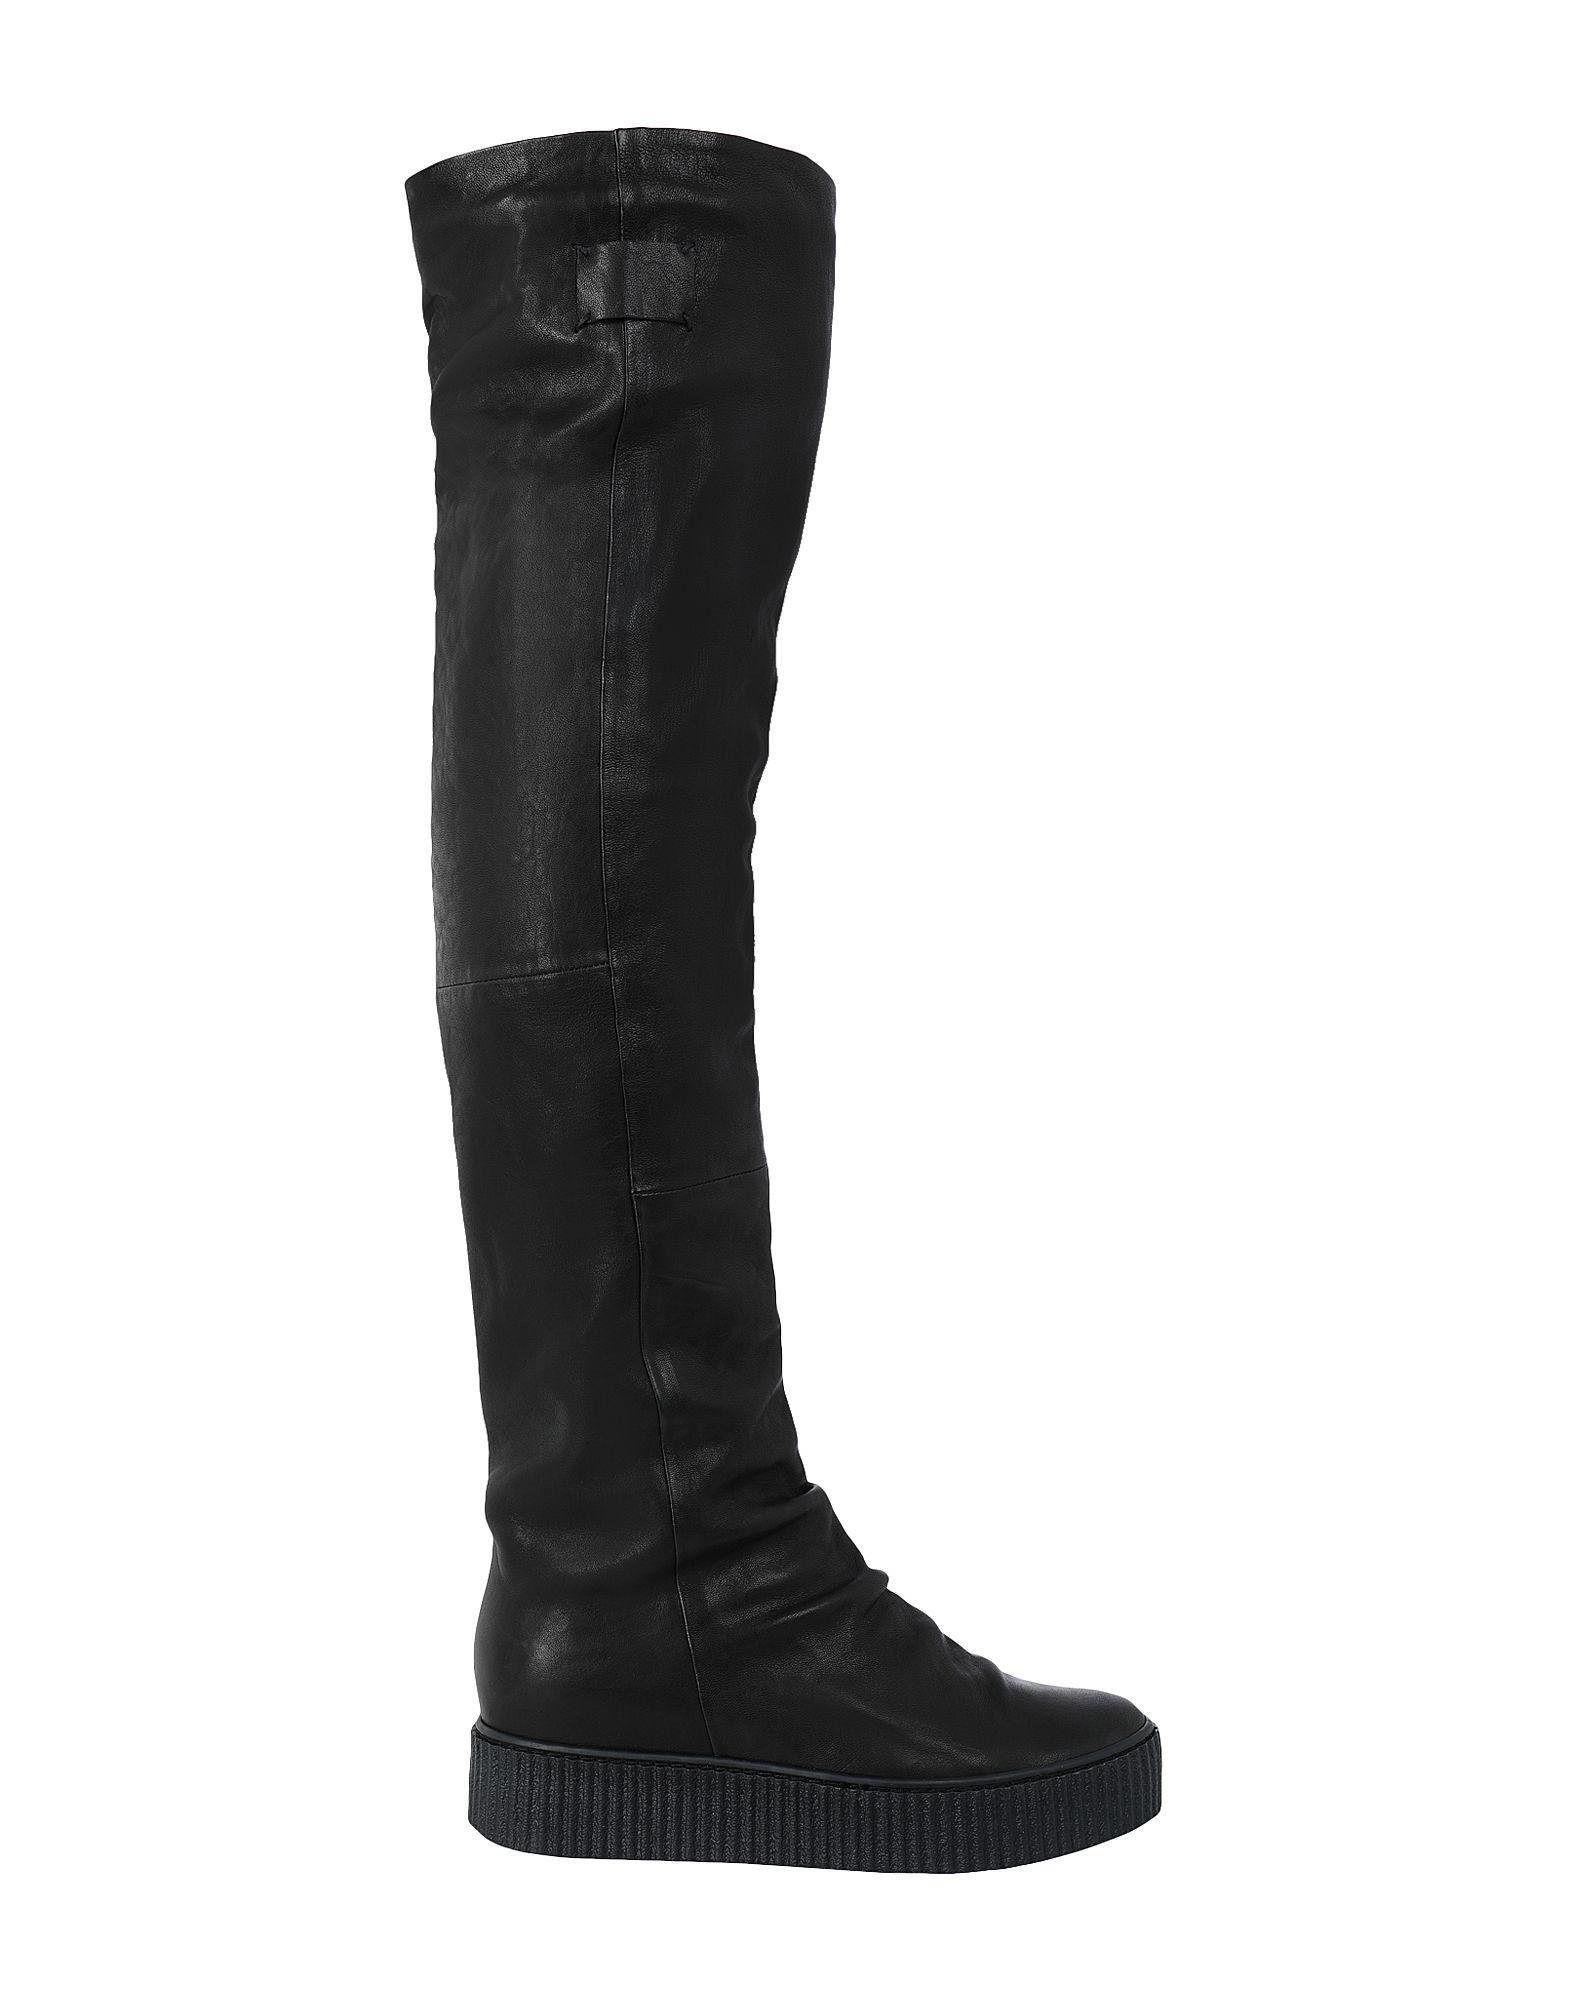 Pierre Darré Stiefel Damen  11538272UFGut aussehende strapazierfähige Schuhe